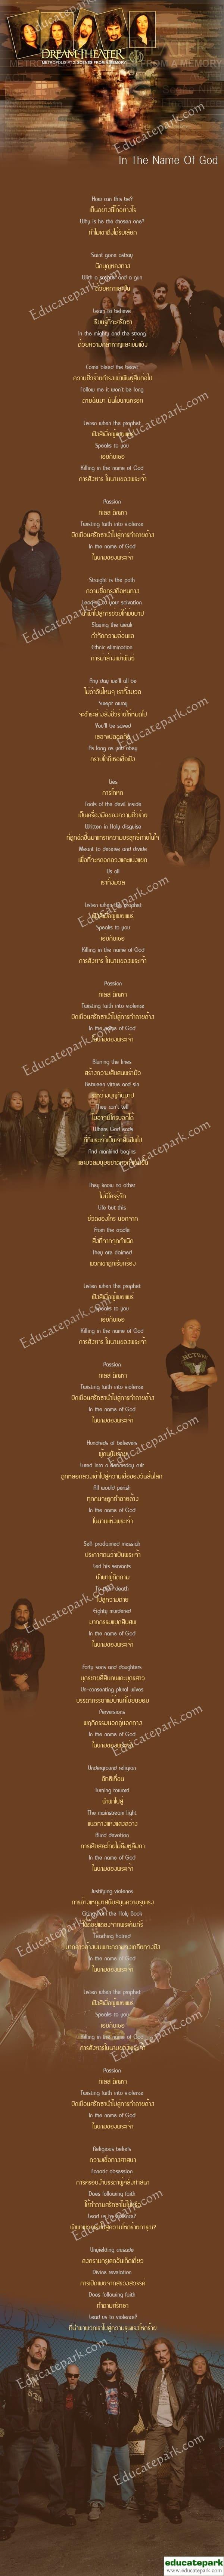 แปลเพลง In The Name Of God - Dream Theater